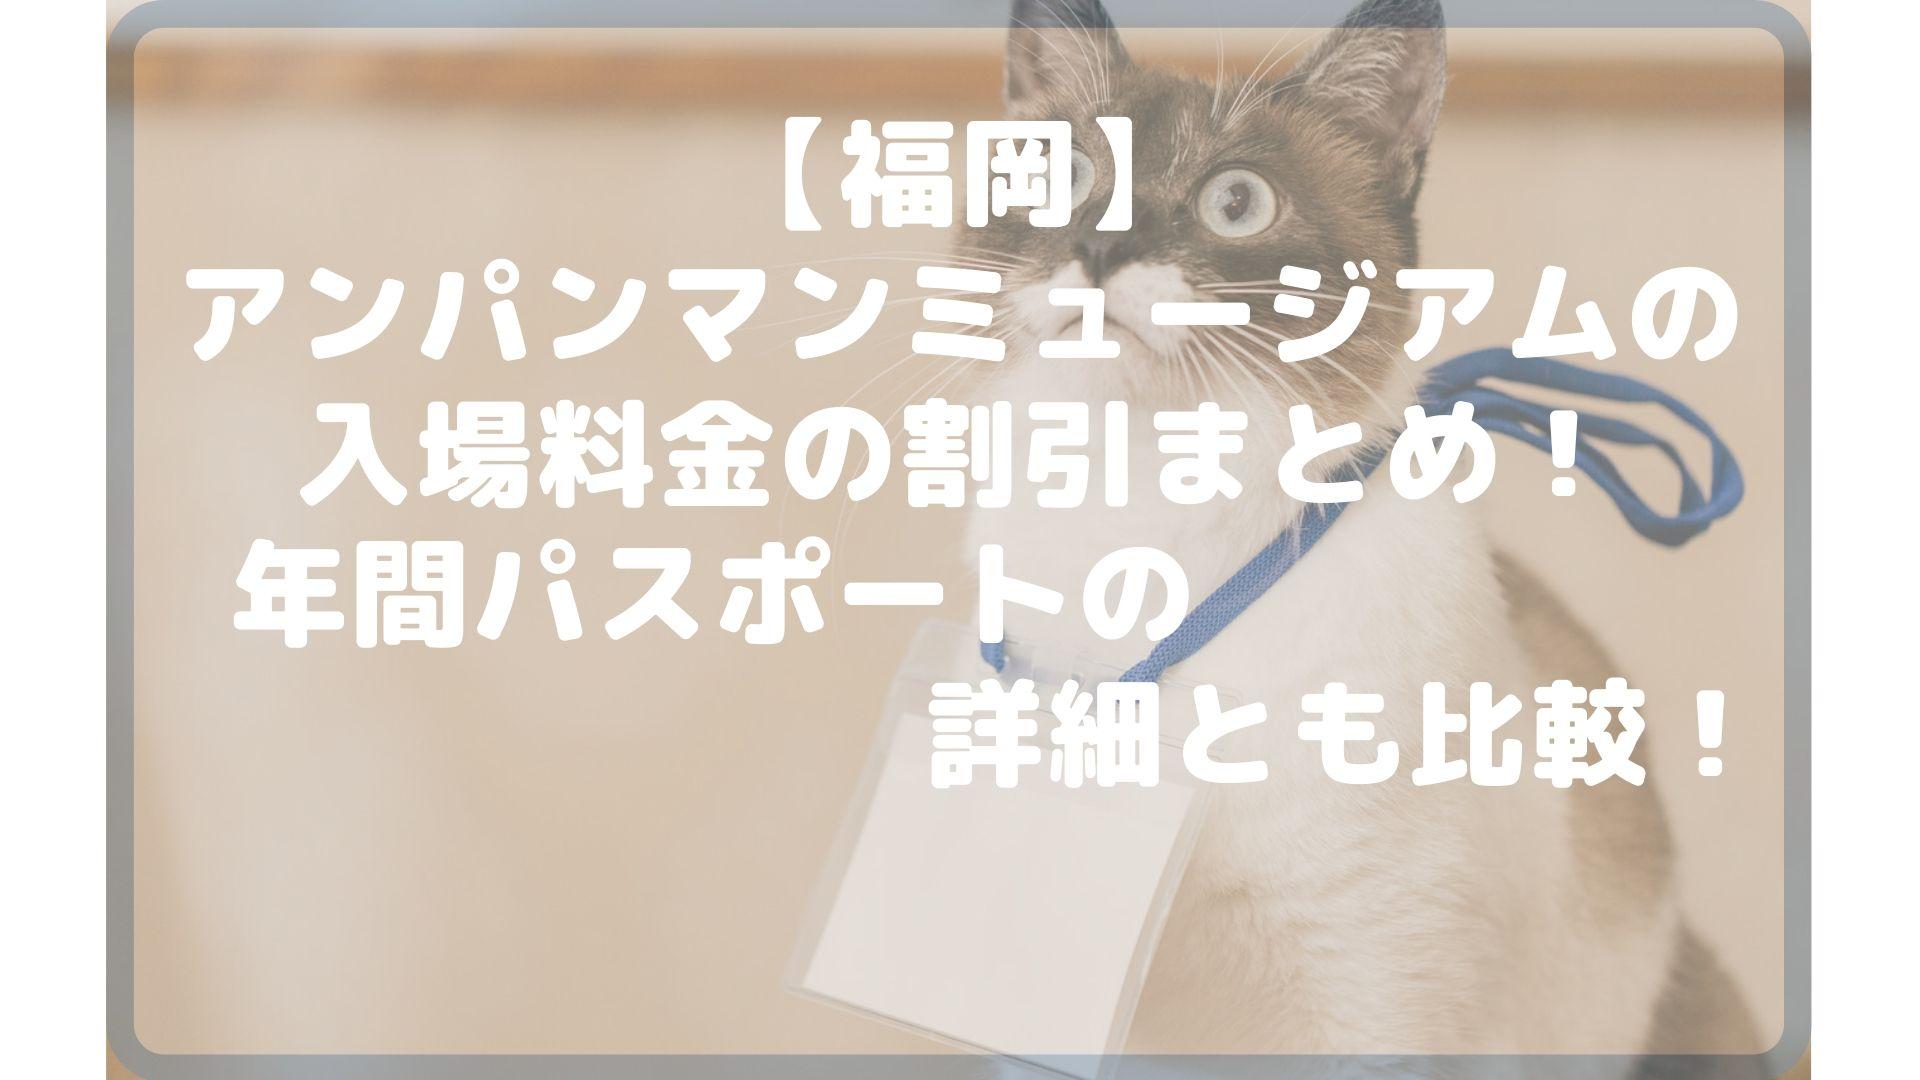 【福岡】アンパンマンミュージアムの入場料金の割引まとめ!年間パスポートの詳細とも比較!タイトル画像